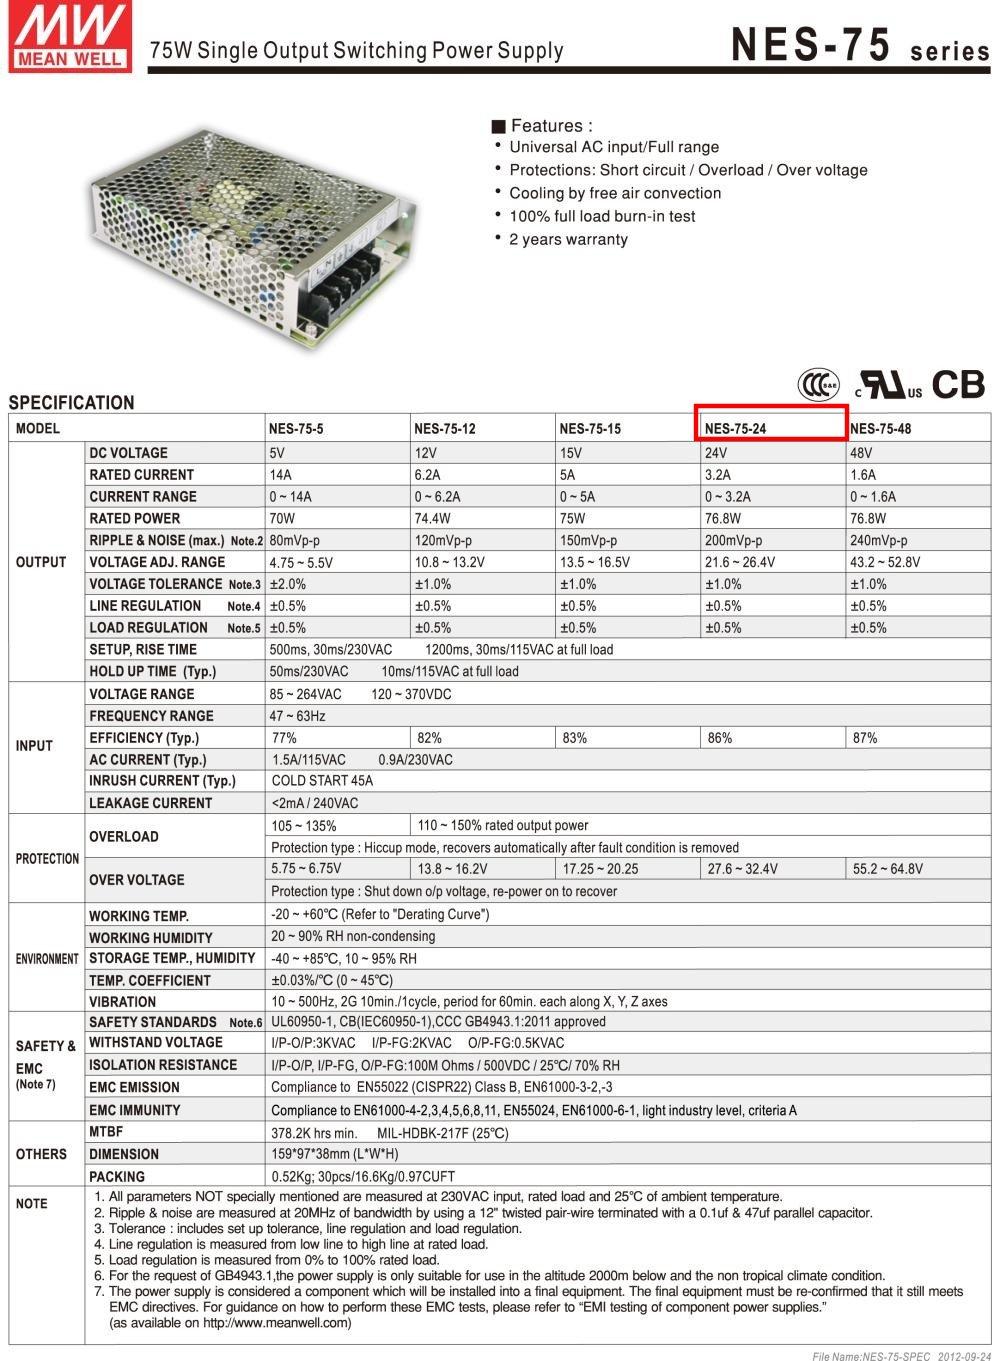 Nguồn DC LED 24V Meanwell NES-75-24 24V 3.2A 75W